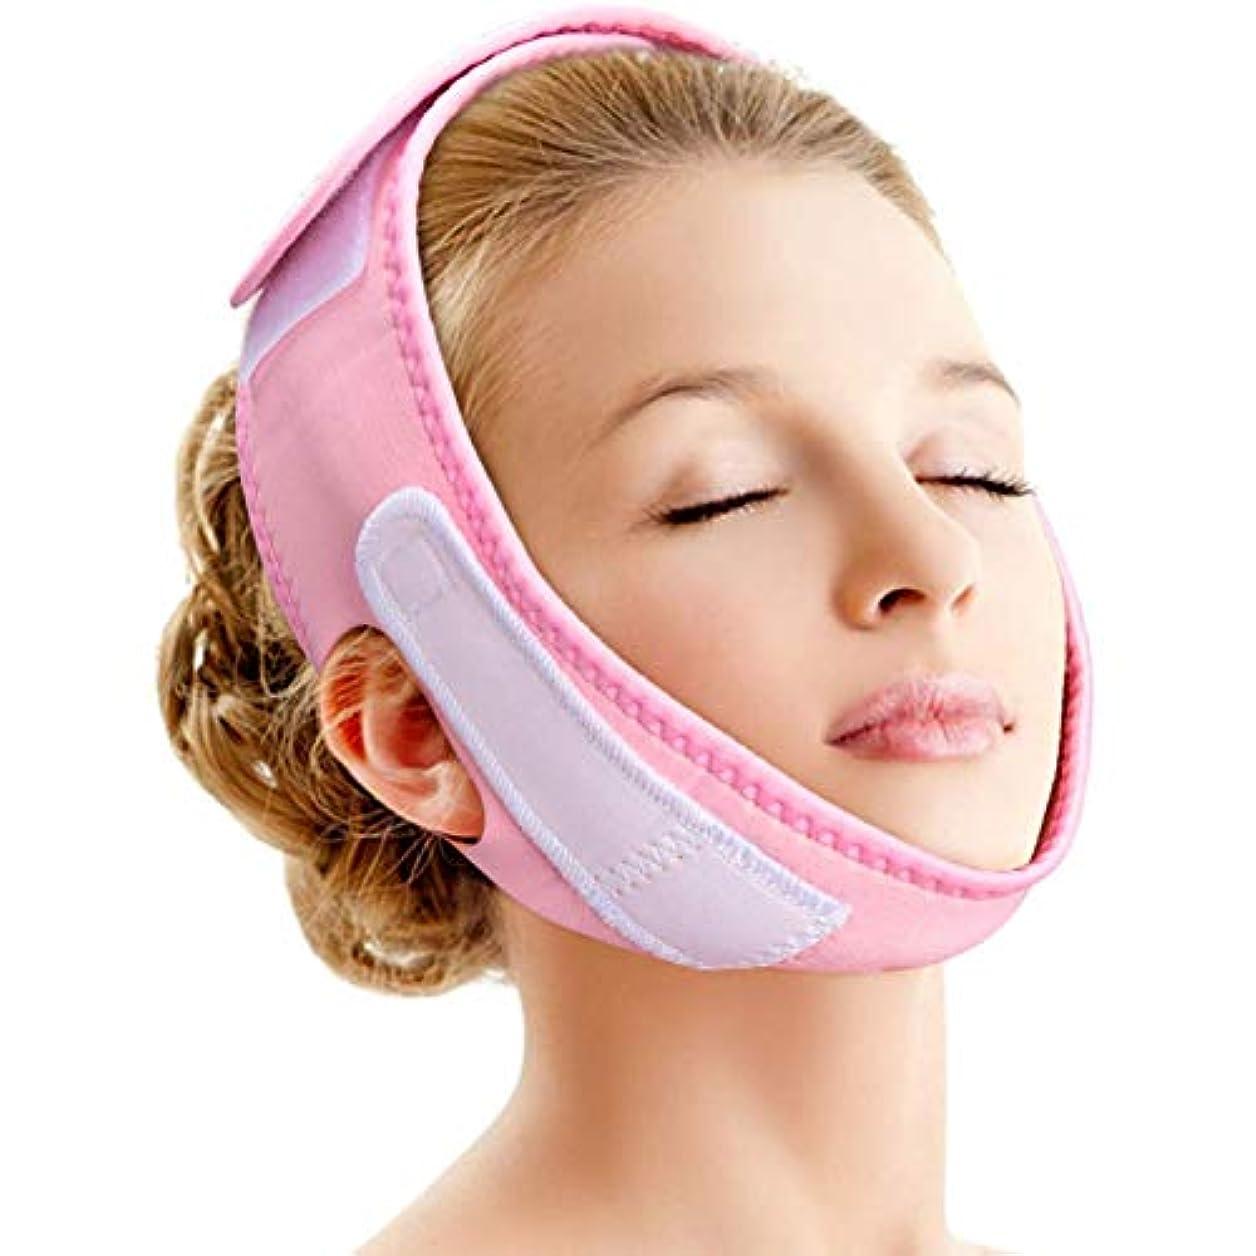 センチメンタル特定の血統フェイシャルリフティングスリミングベルト - ダブルラインケア、顔の減量、しわ防止のためのVラインチンチークバンド-フェイスリフティング包帯